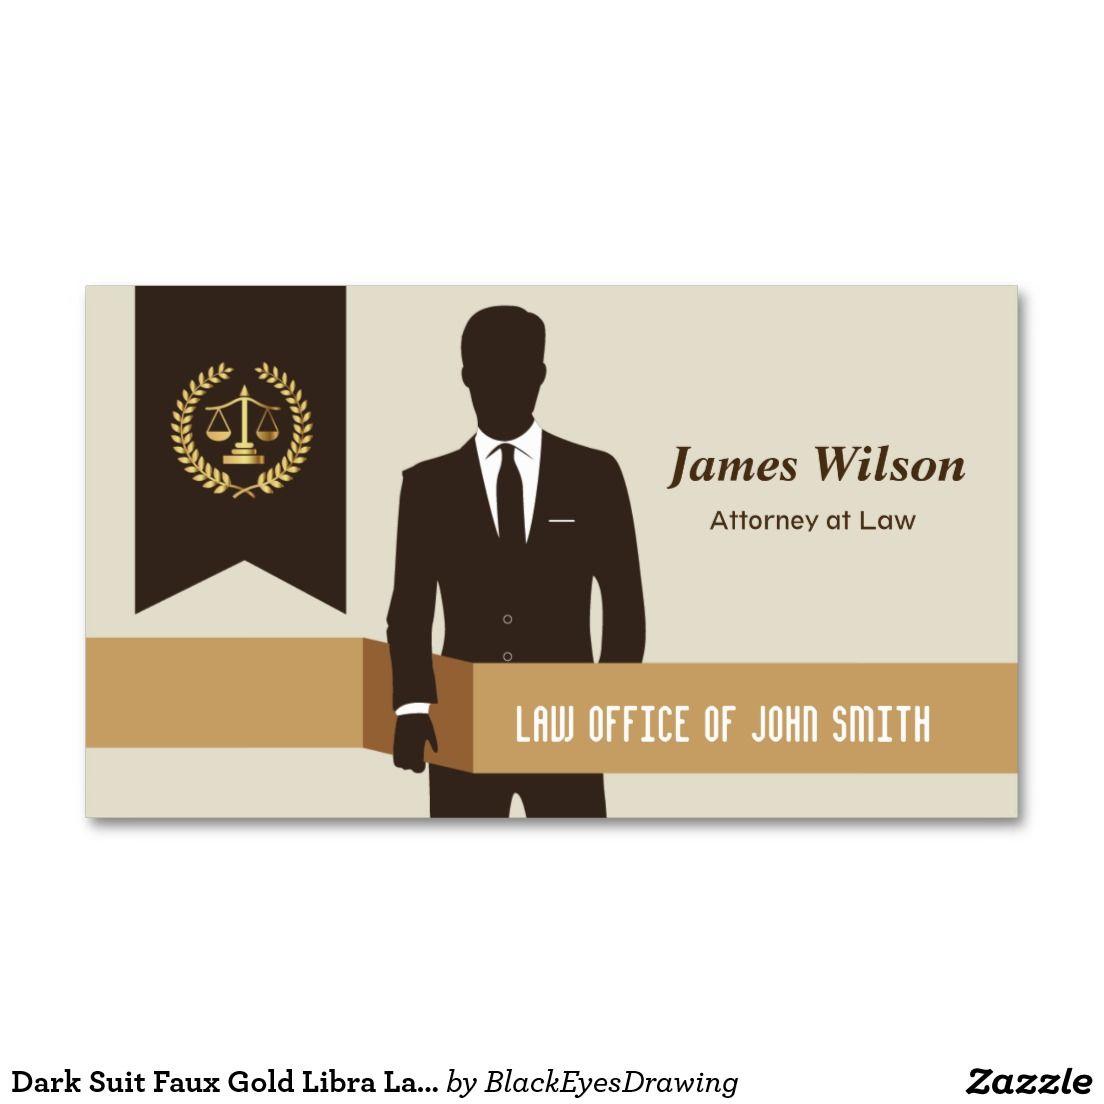 Dark Suit Faux Gold Libra Laurel Classic Lawyer Business Card ...